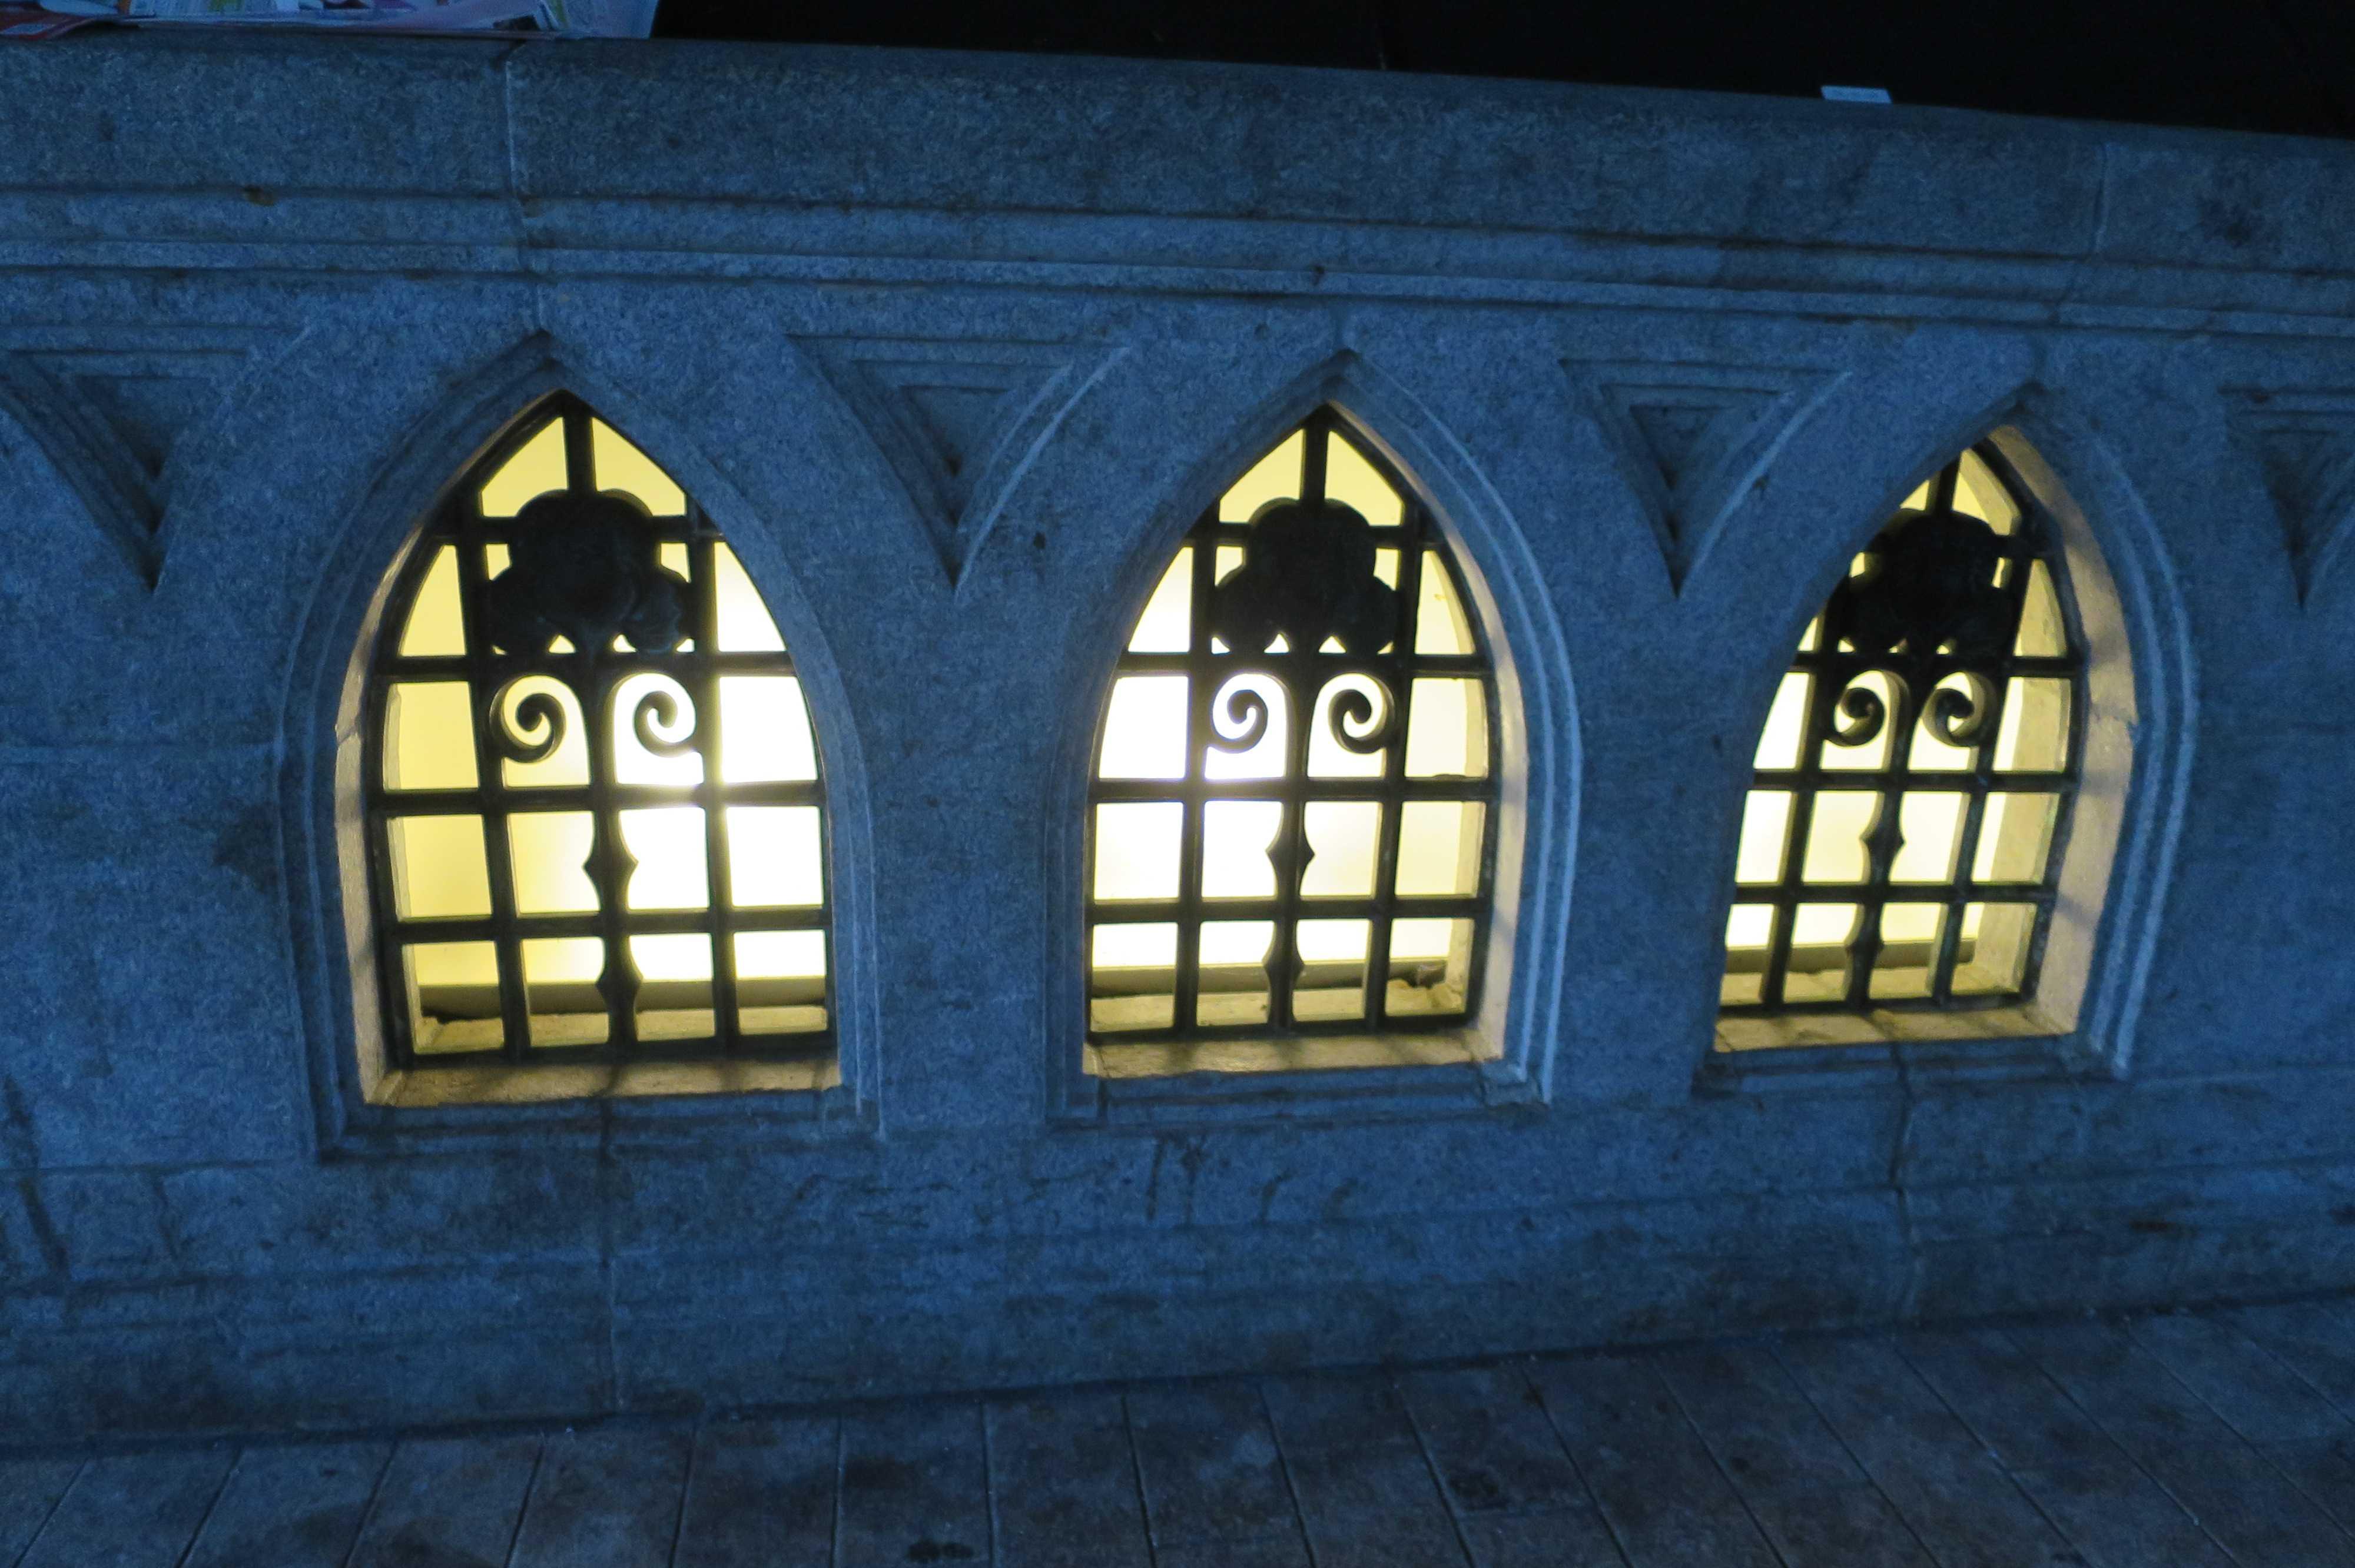 戎橋の真下の照明(明かり)